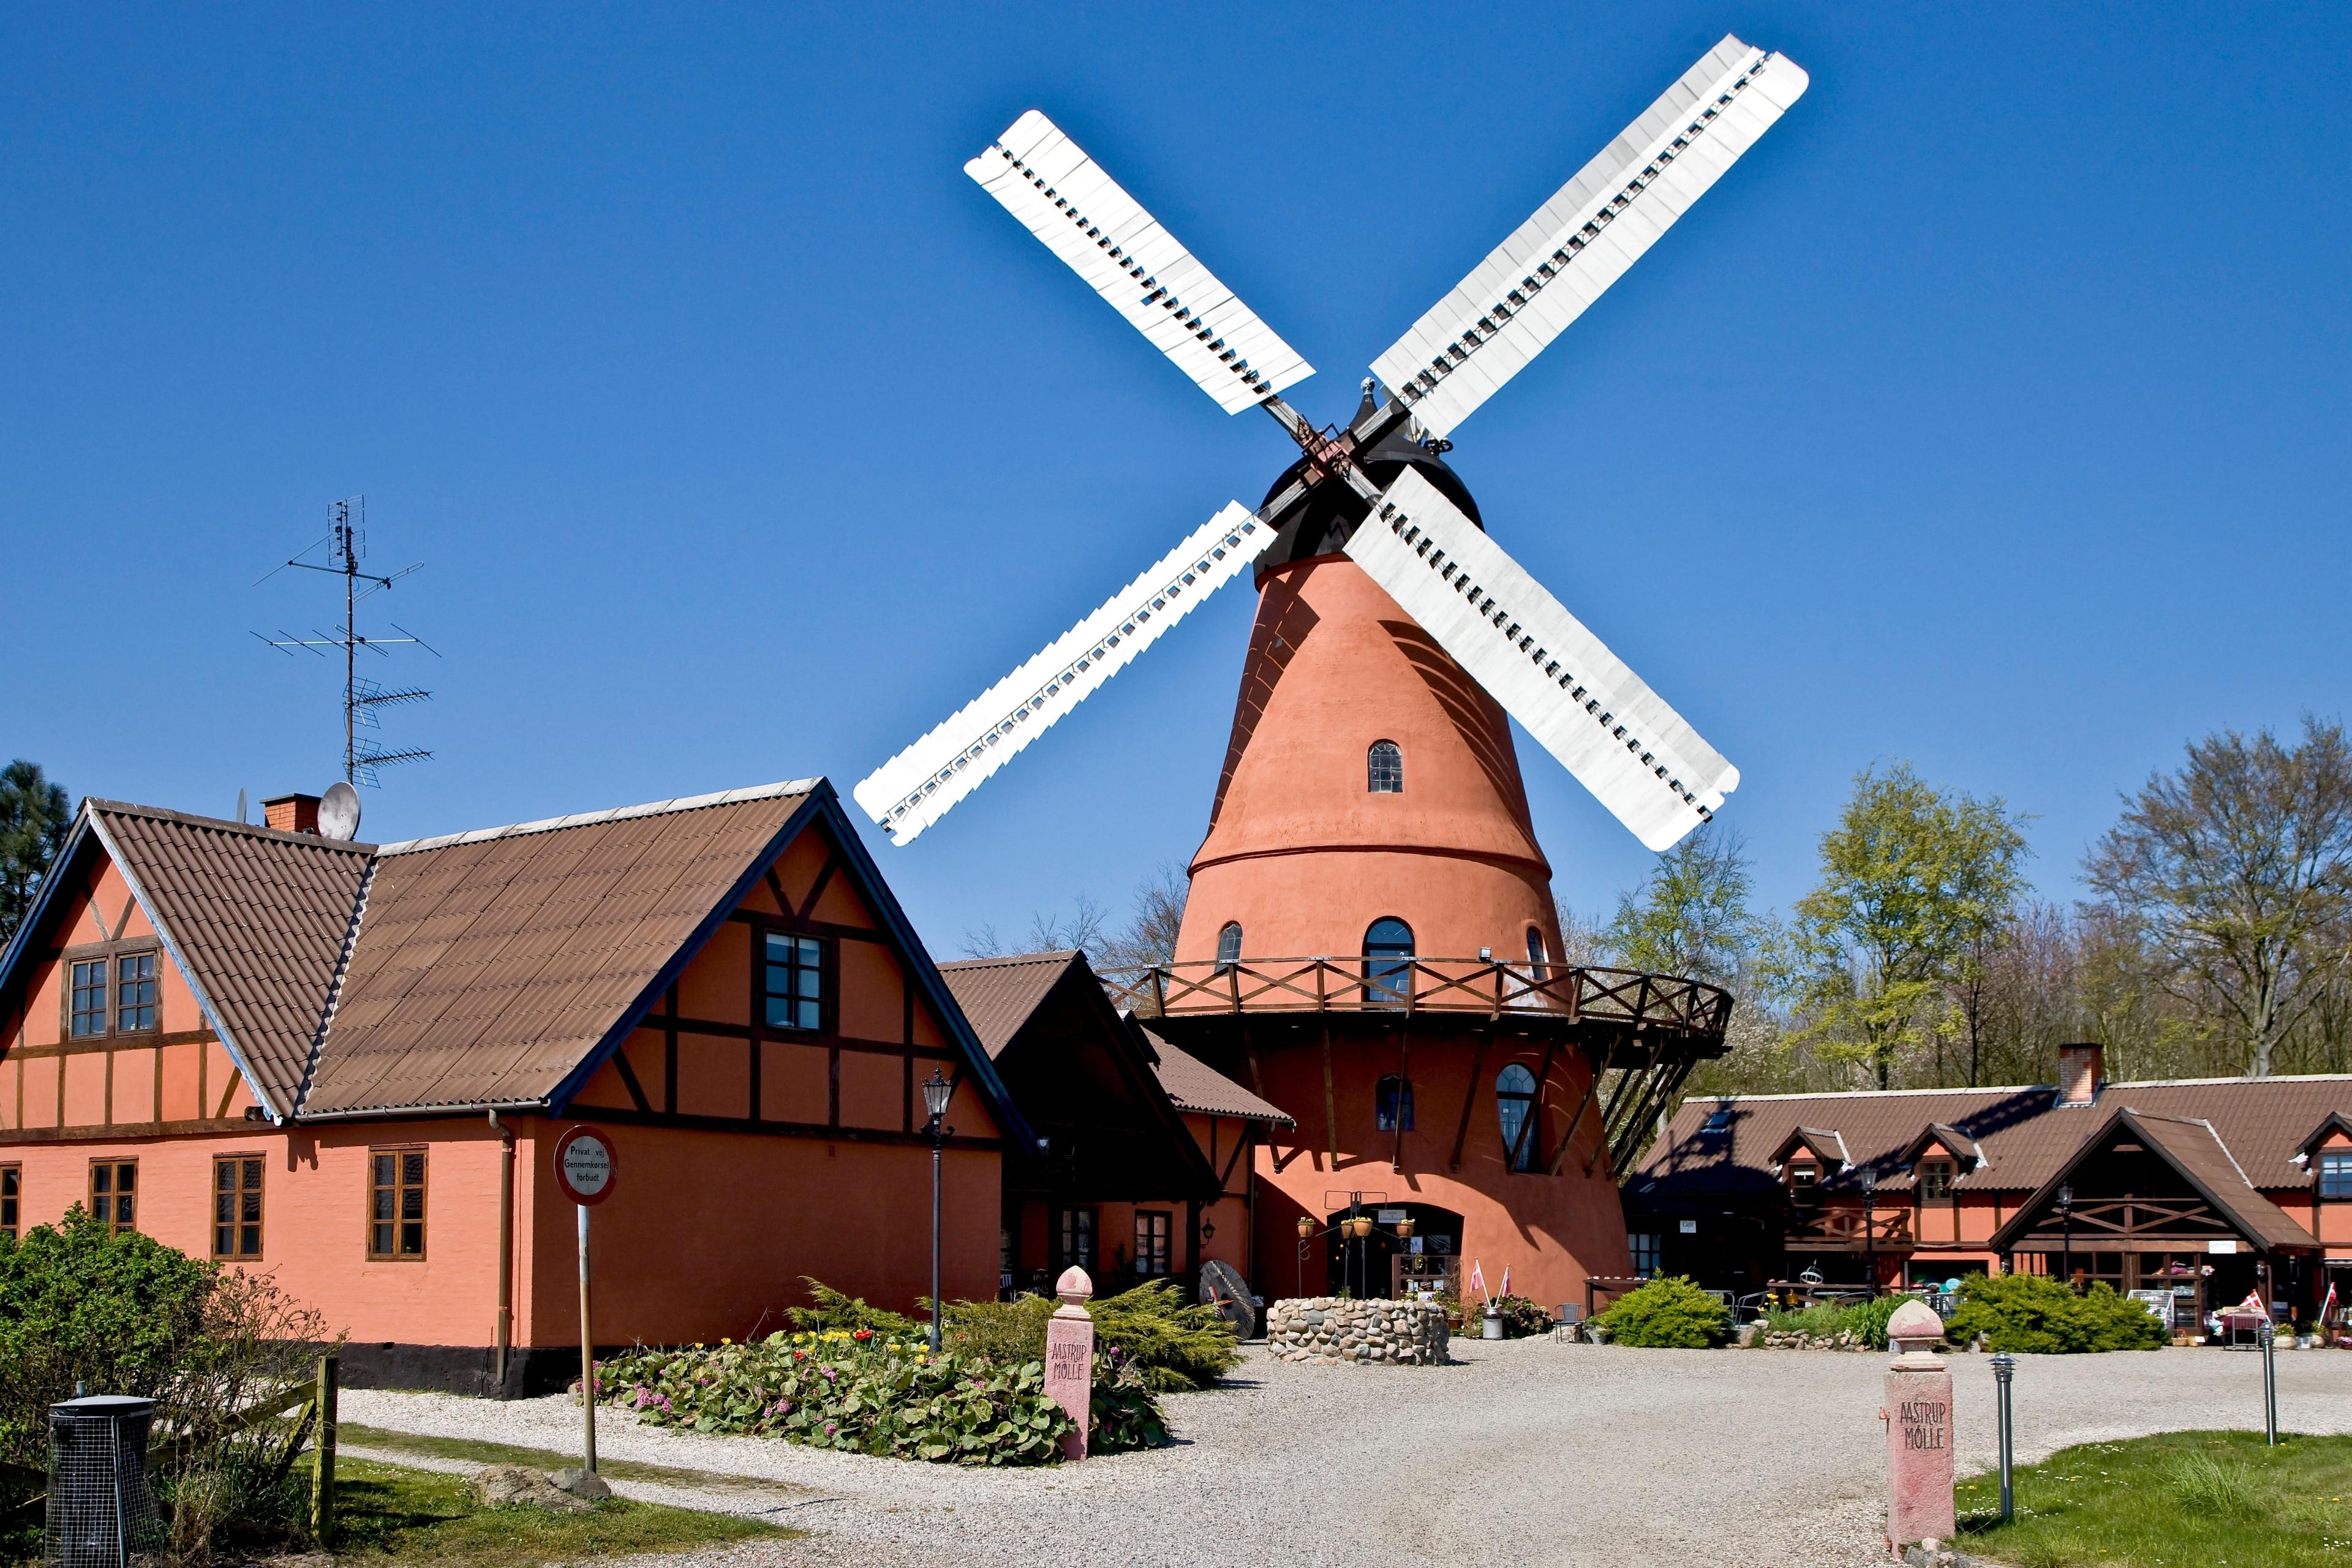 Faaborg, Syddanmark (Region), Dänemark